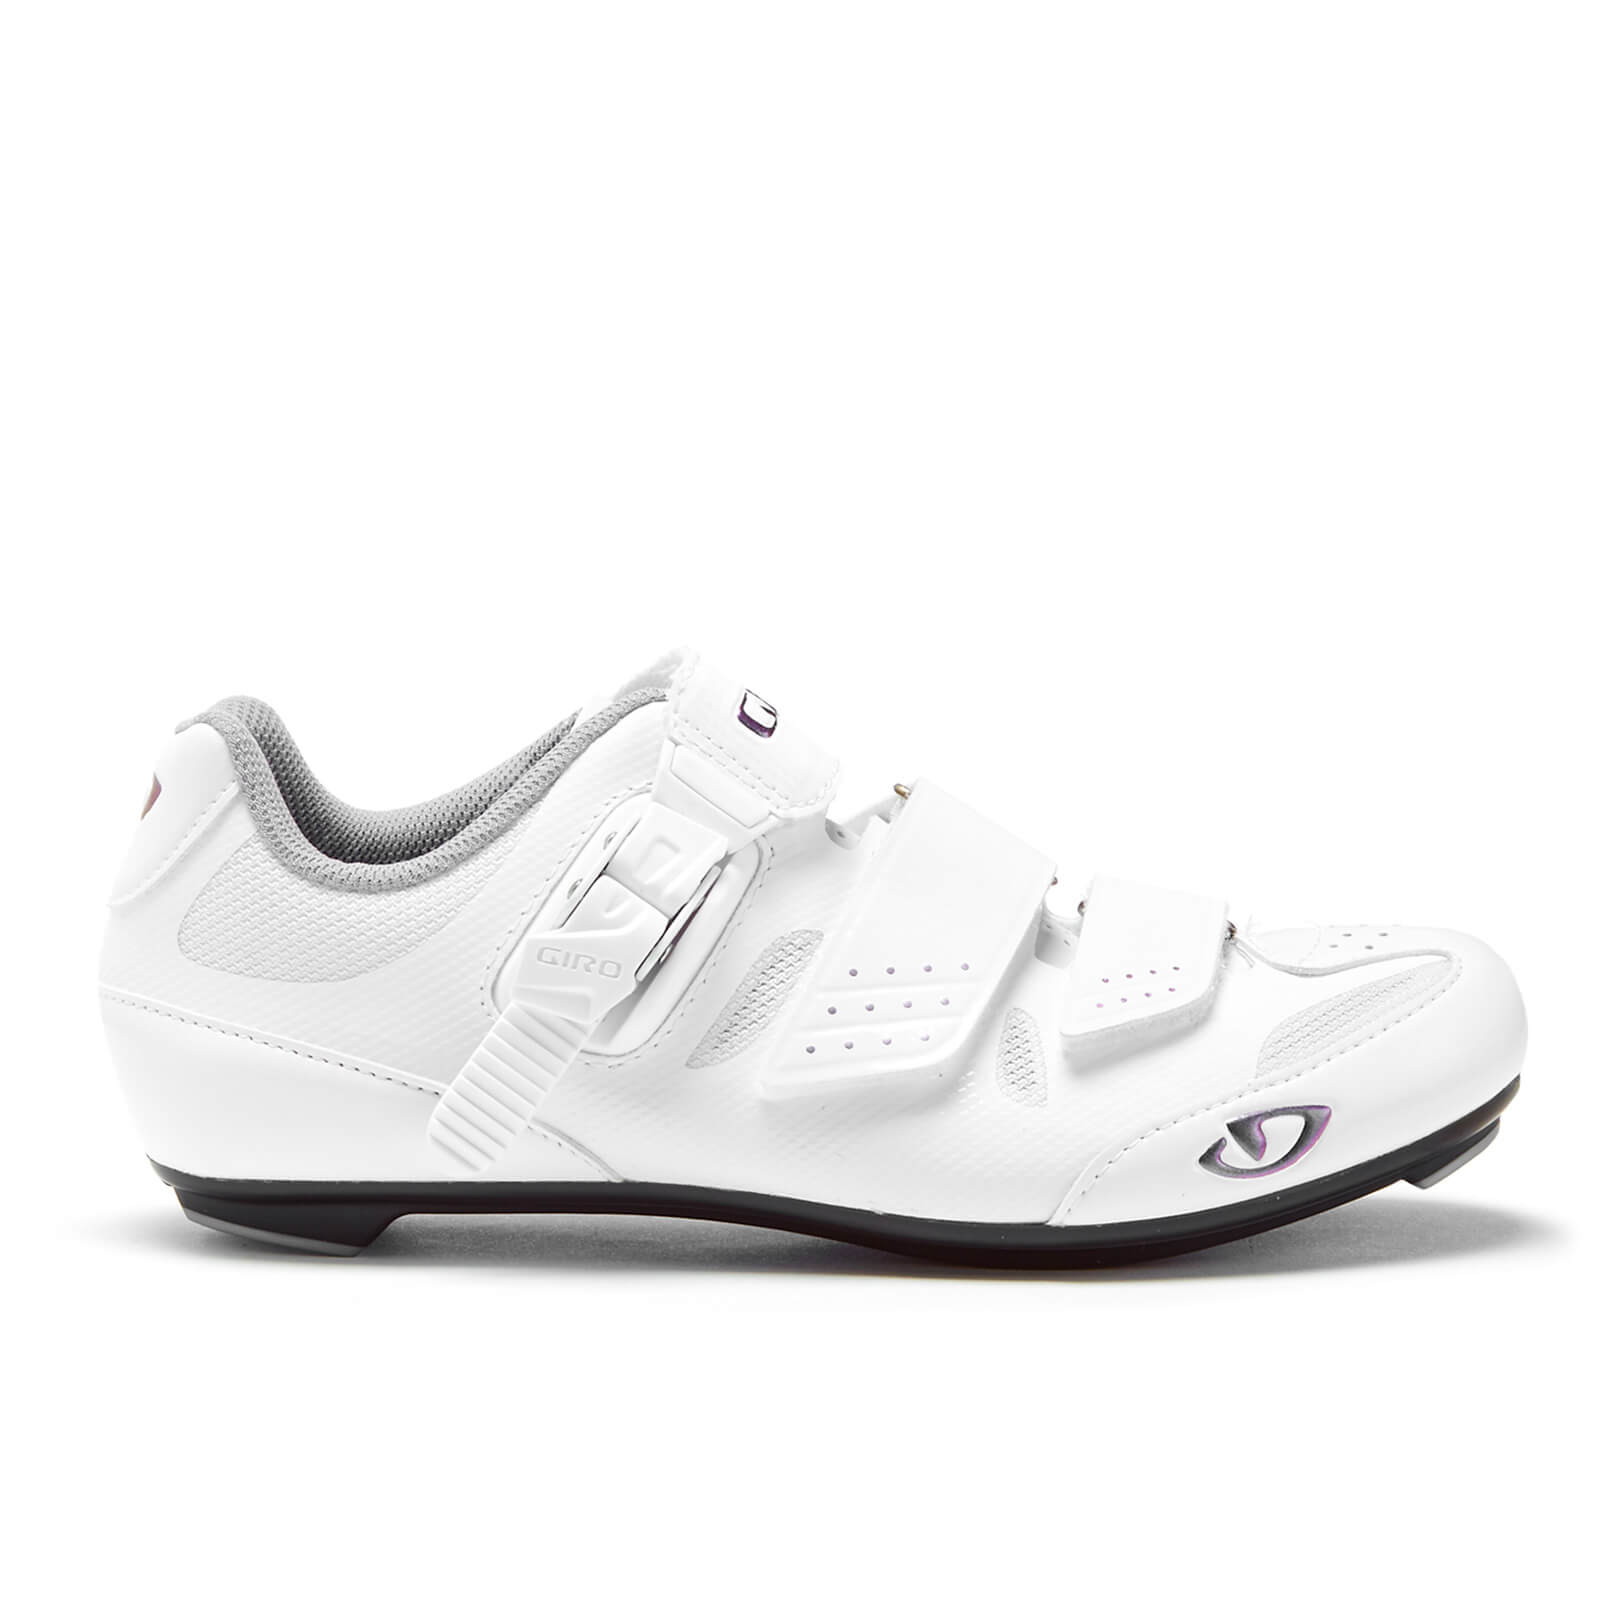 1195591abae Giro Solara II Women s Road Cycling Shoes - White